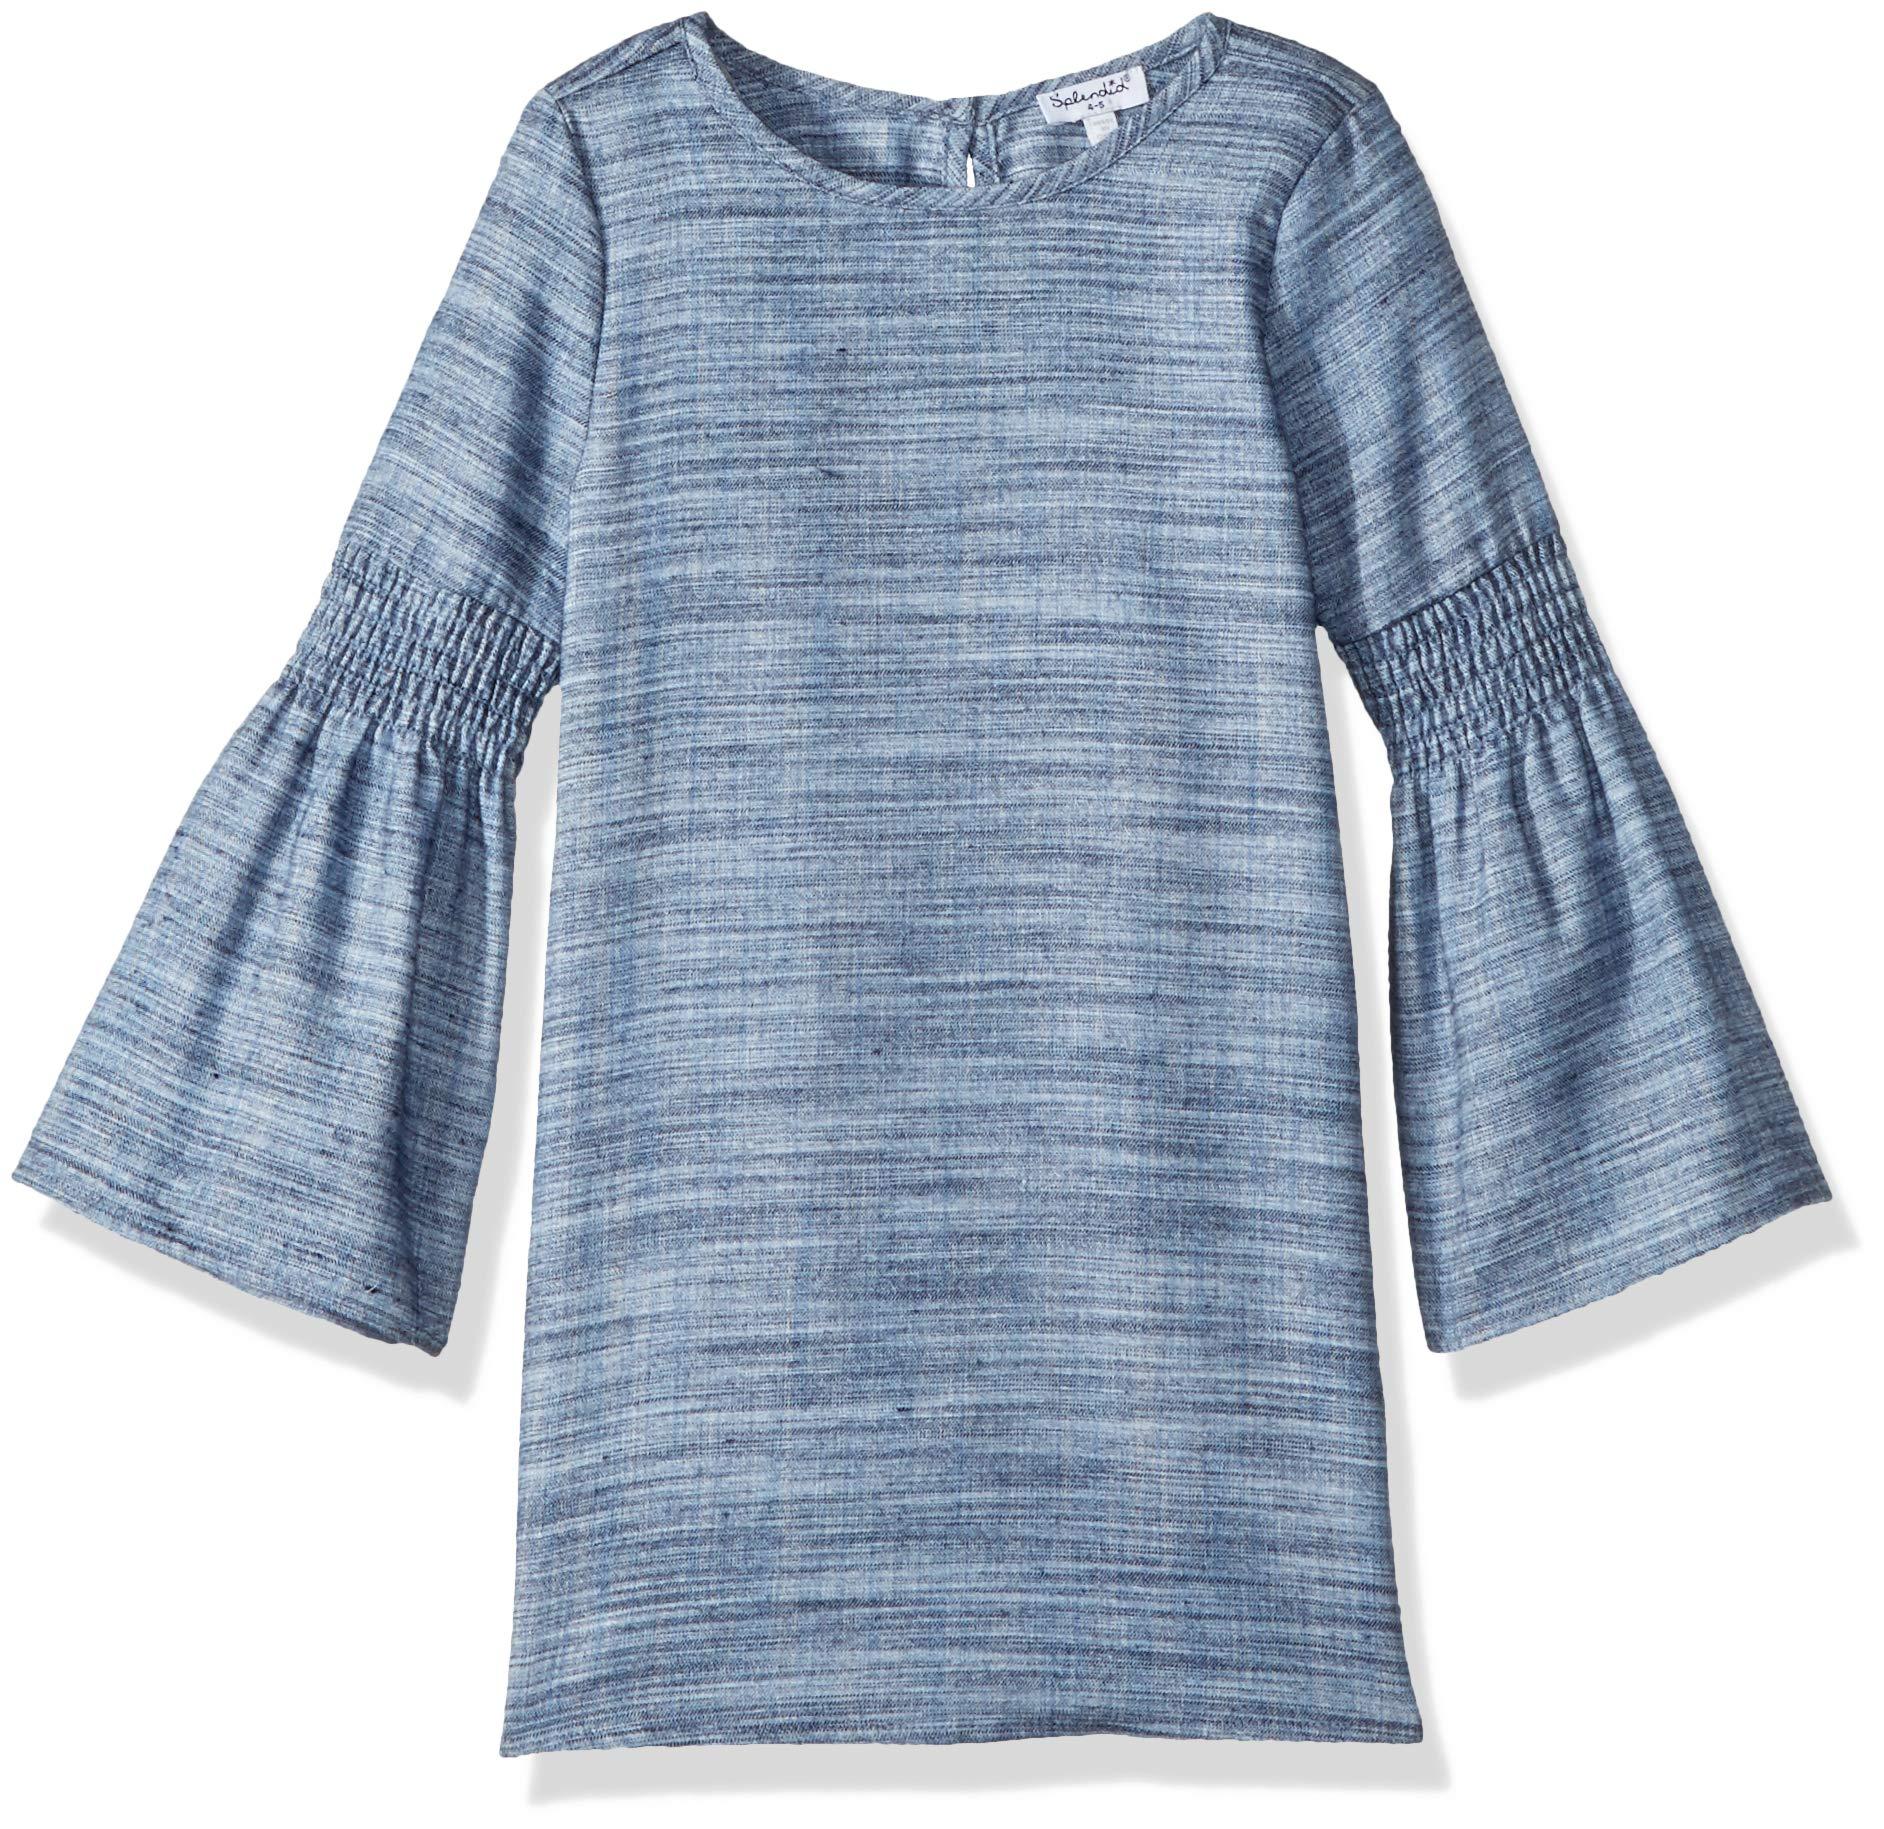 Splendid Little Girls' Bell Sleeves Midi Dress, Denim, 4/5